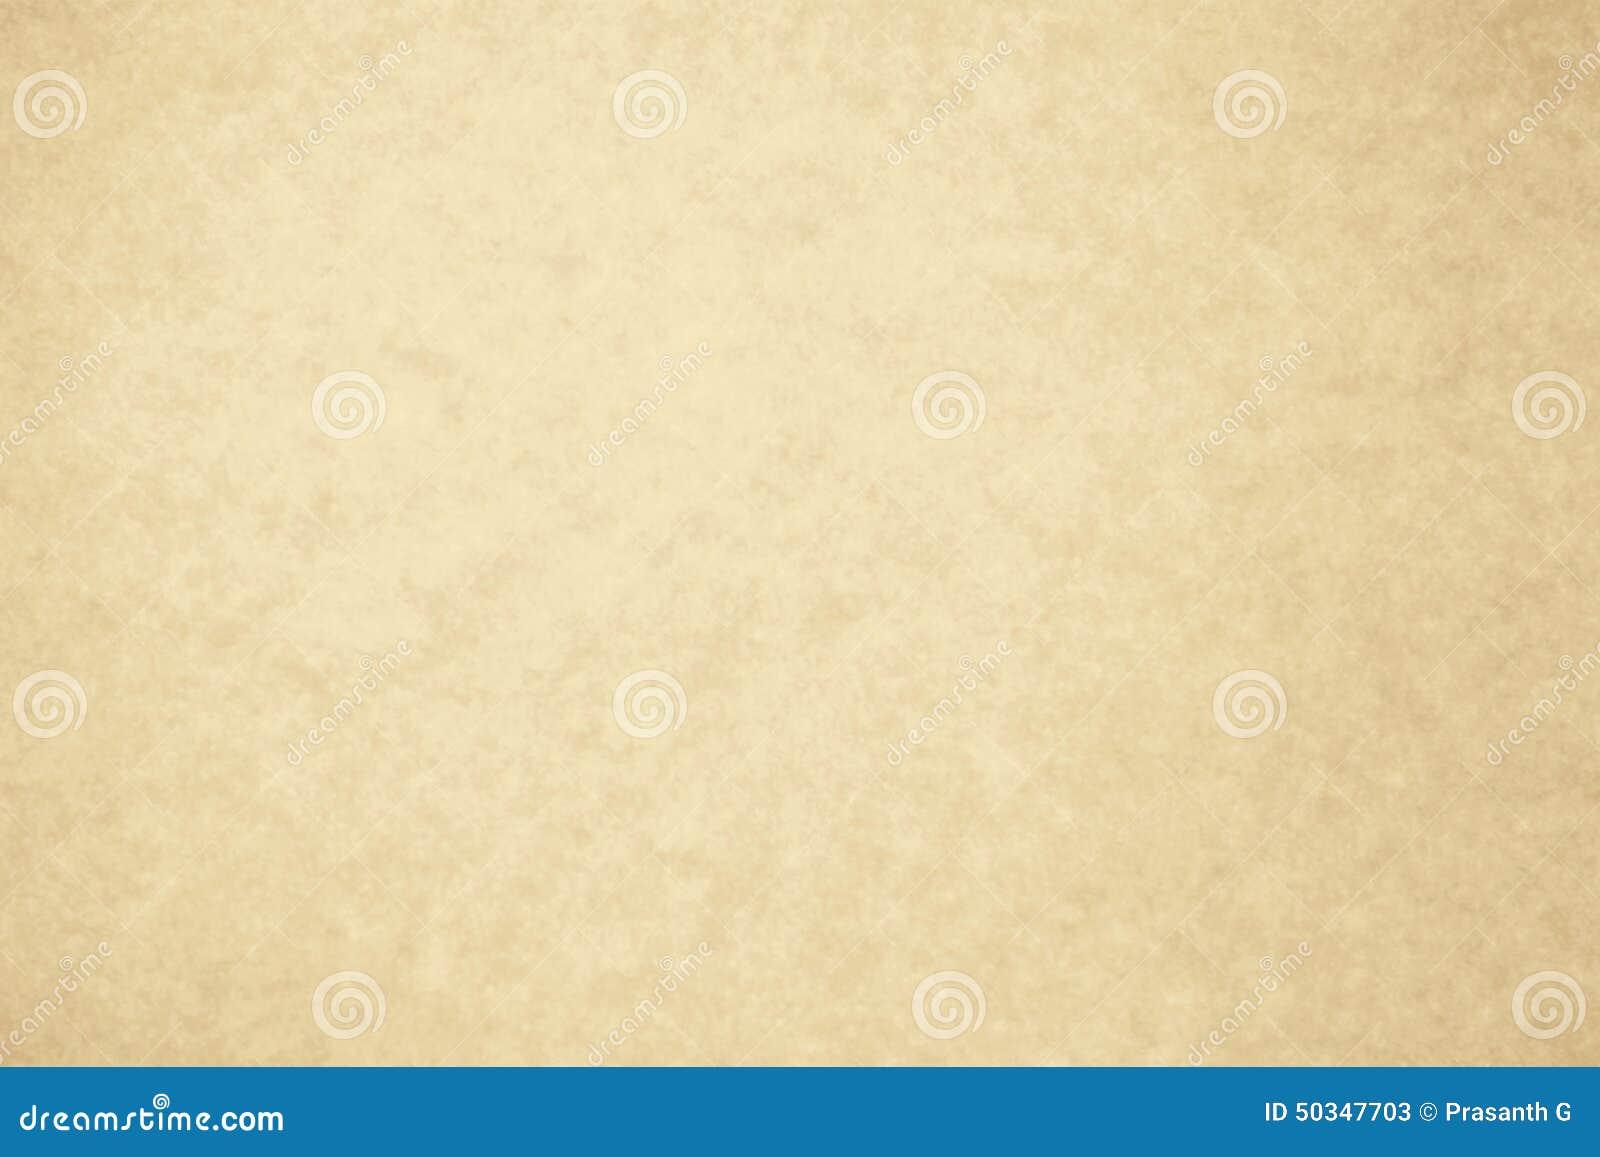 Vieille texture de papier abstraite